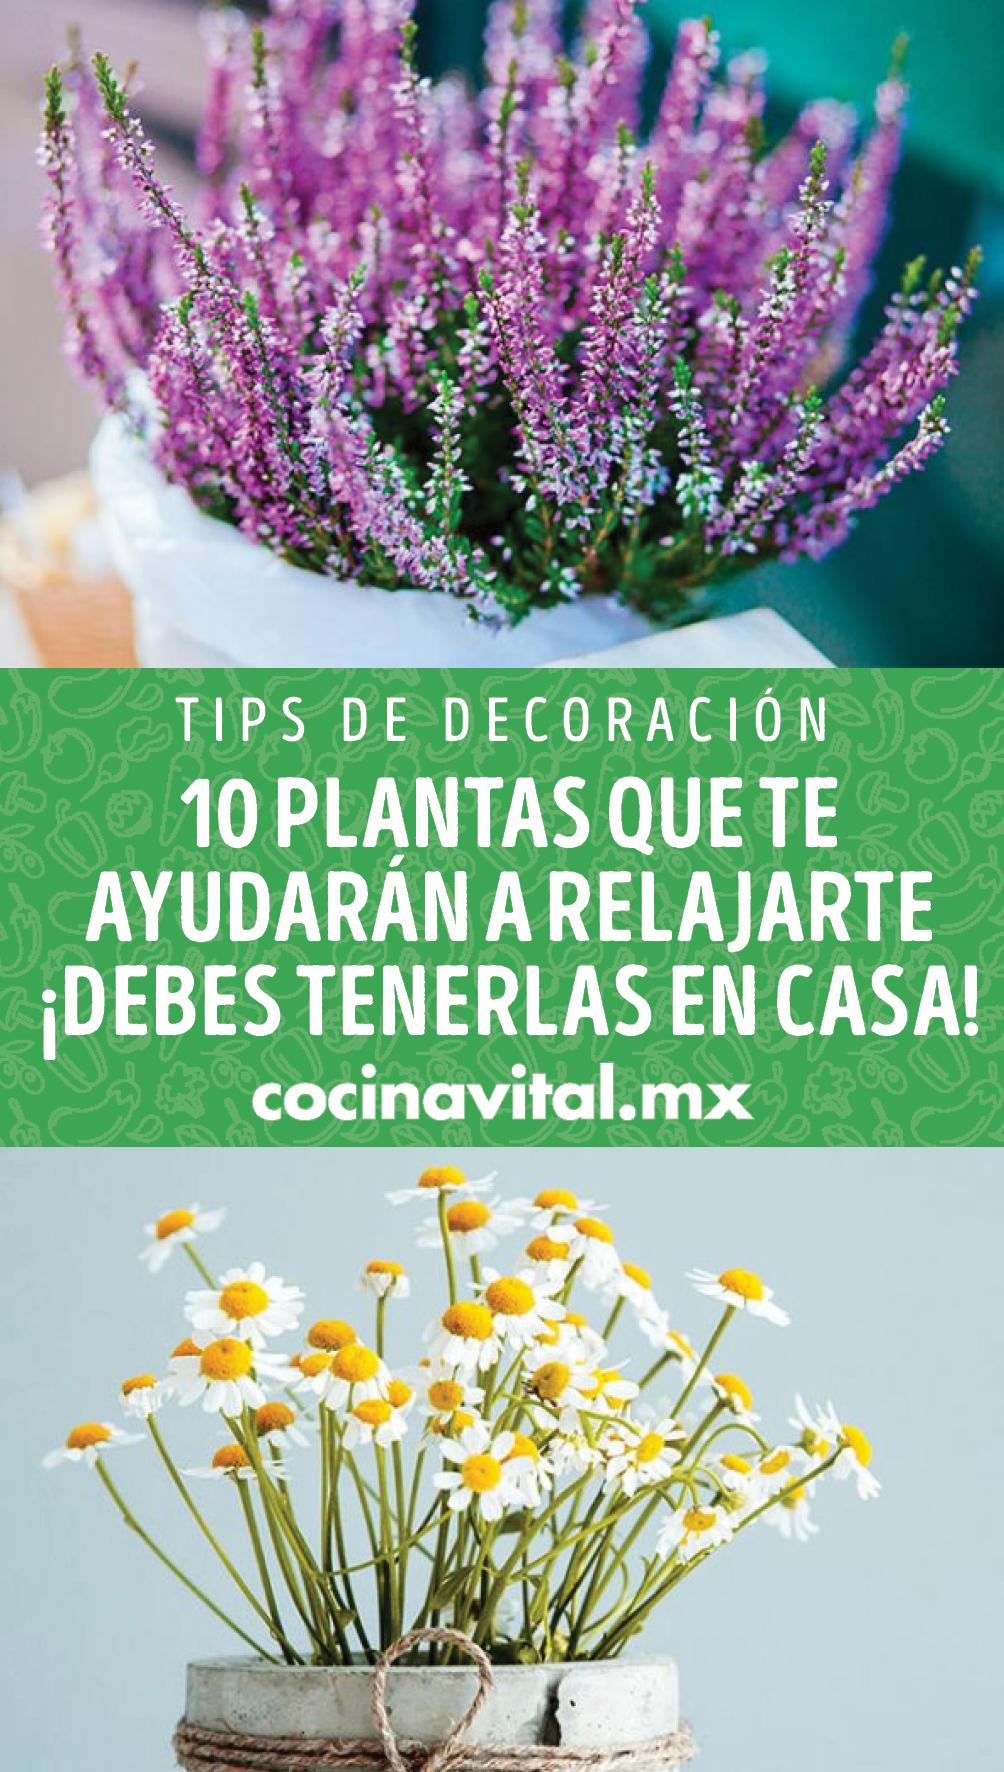 ¡Dale la bienvenida a estas plantas y, dile adiós al estrés y la ansiedad! Con solo tenerlas en casa o hacer un té de alguna de ellas, serán de gran ayuda.